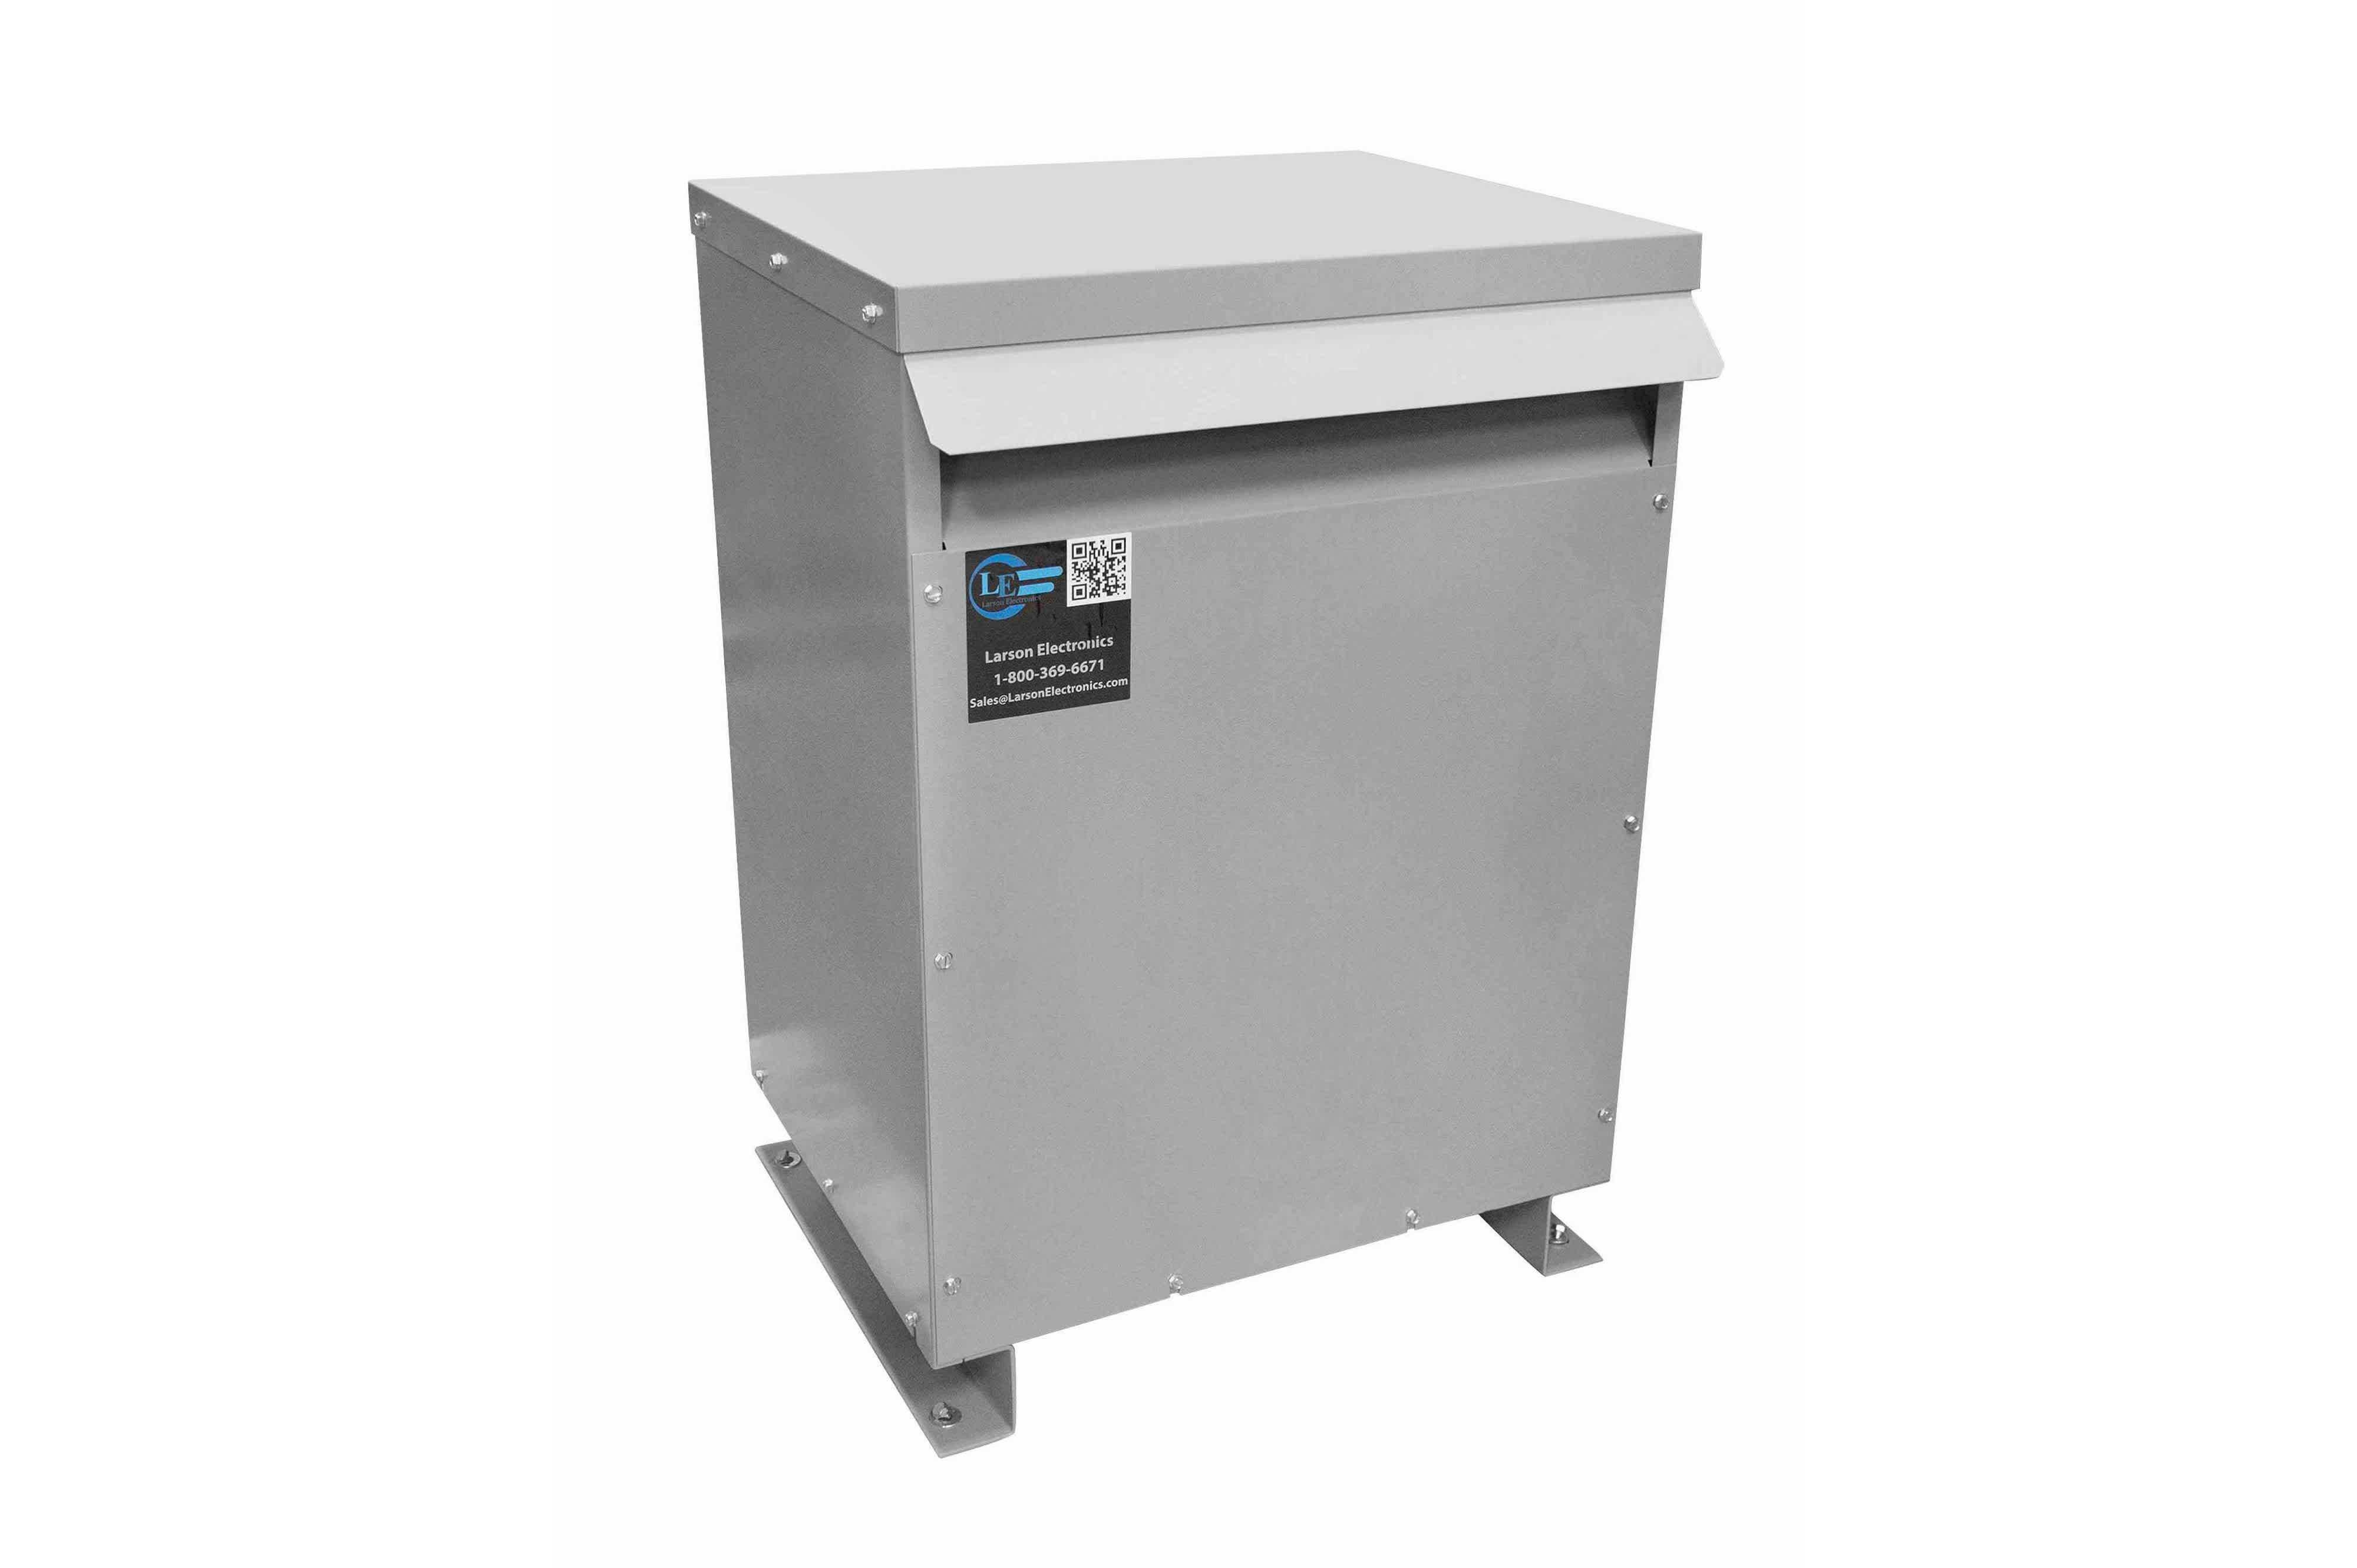 30 kVA 3PH Isolation Transformer, 240V Delta Primary, 380V Delta Secondary, N3R, Ventilated, 60 Hz